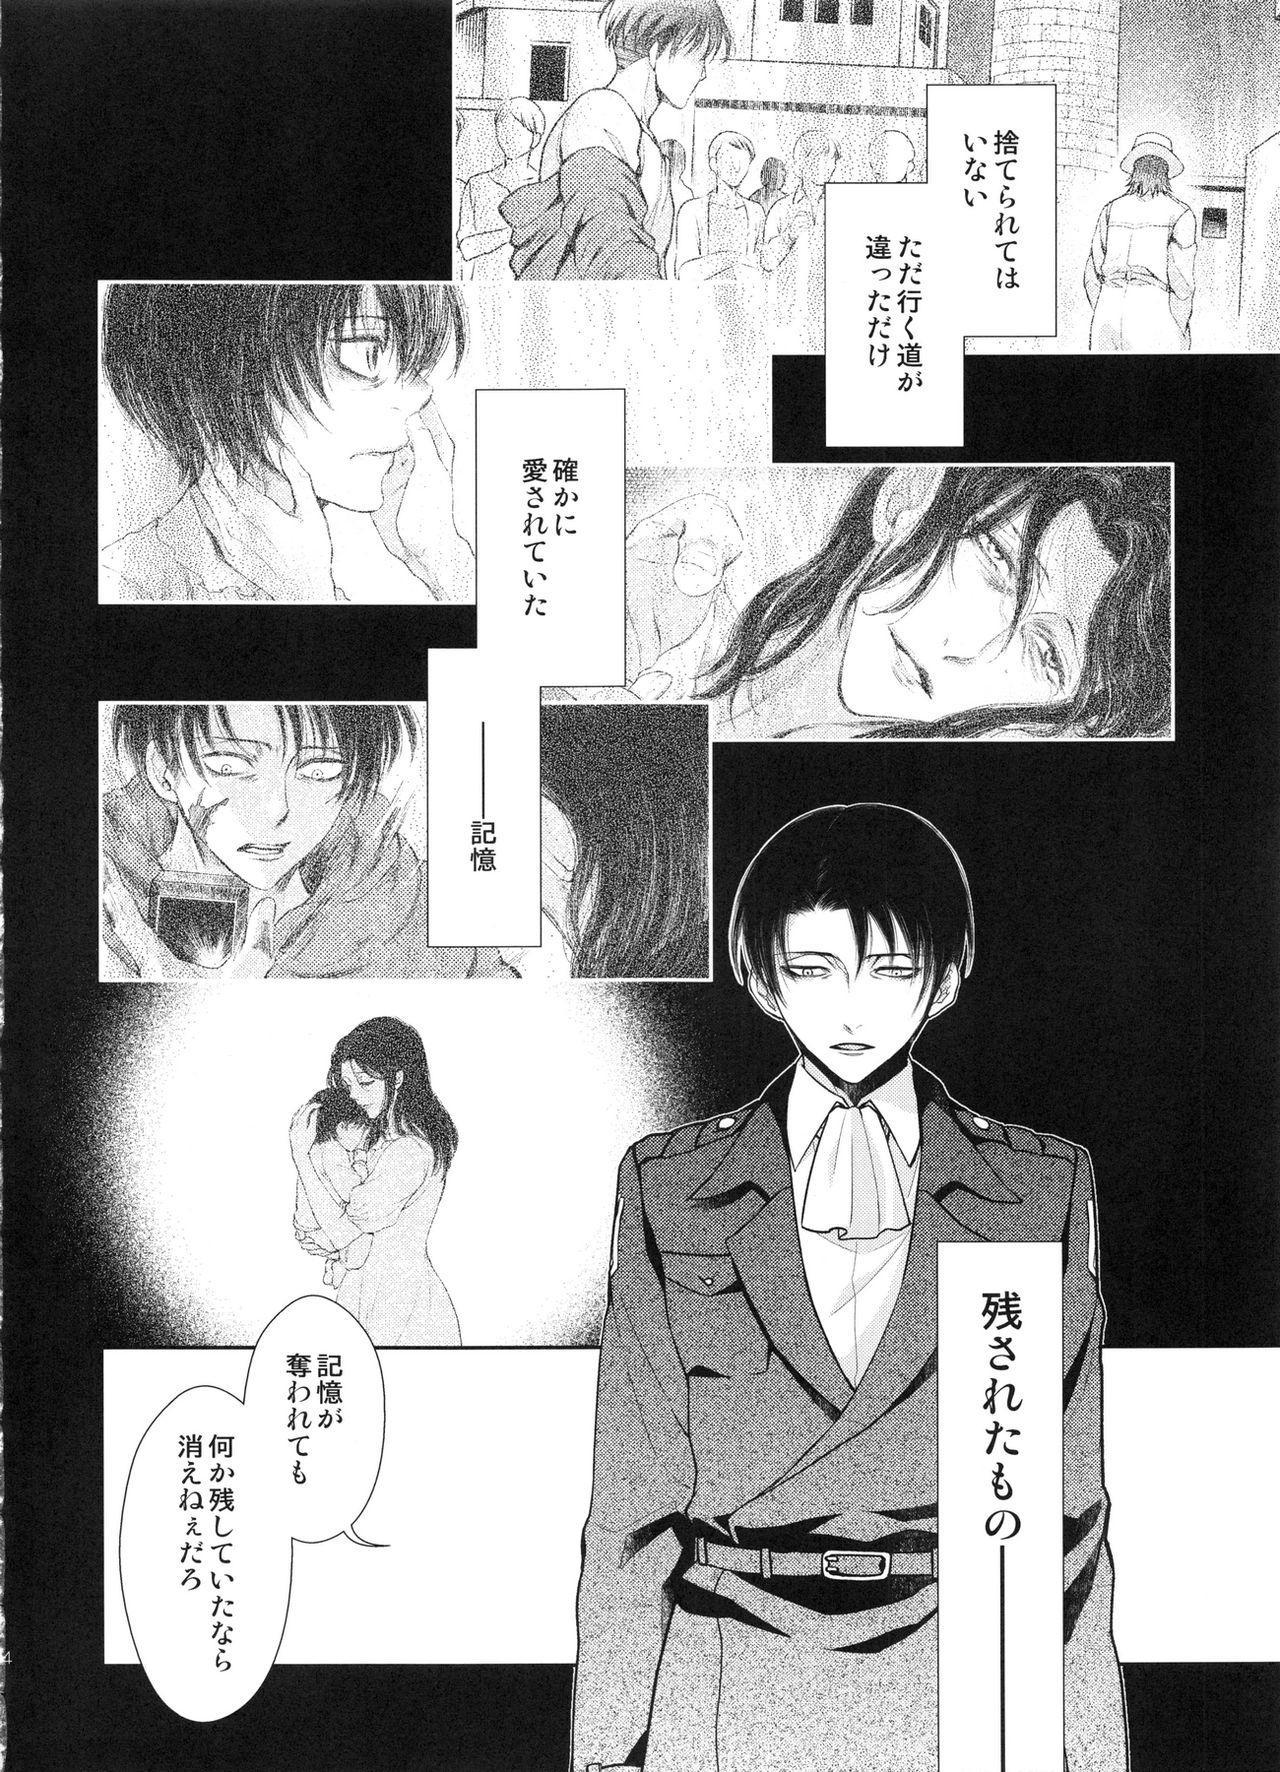 Meguri Meguri Soshite Mata Hana wa Saku 63